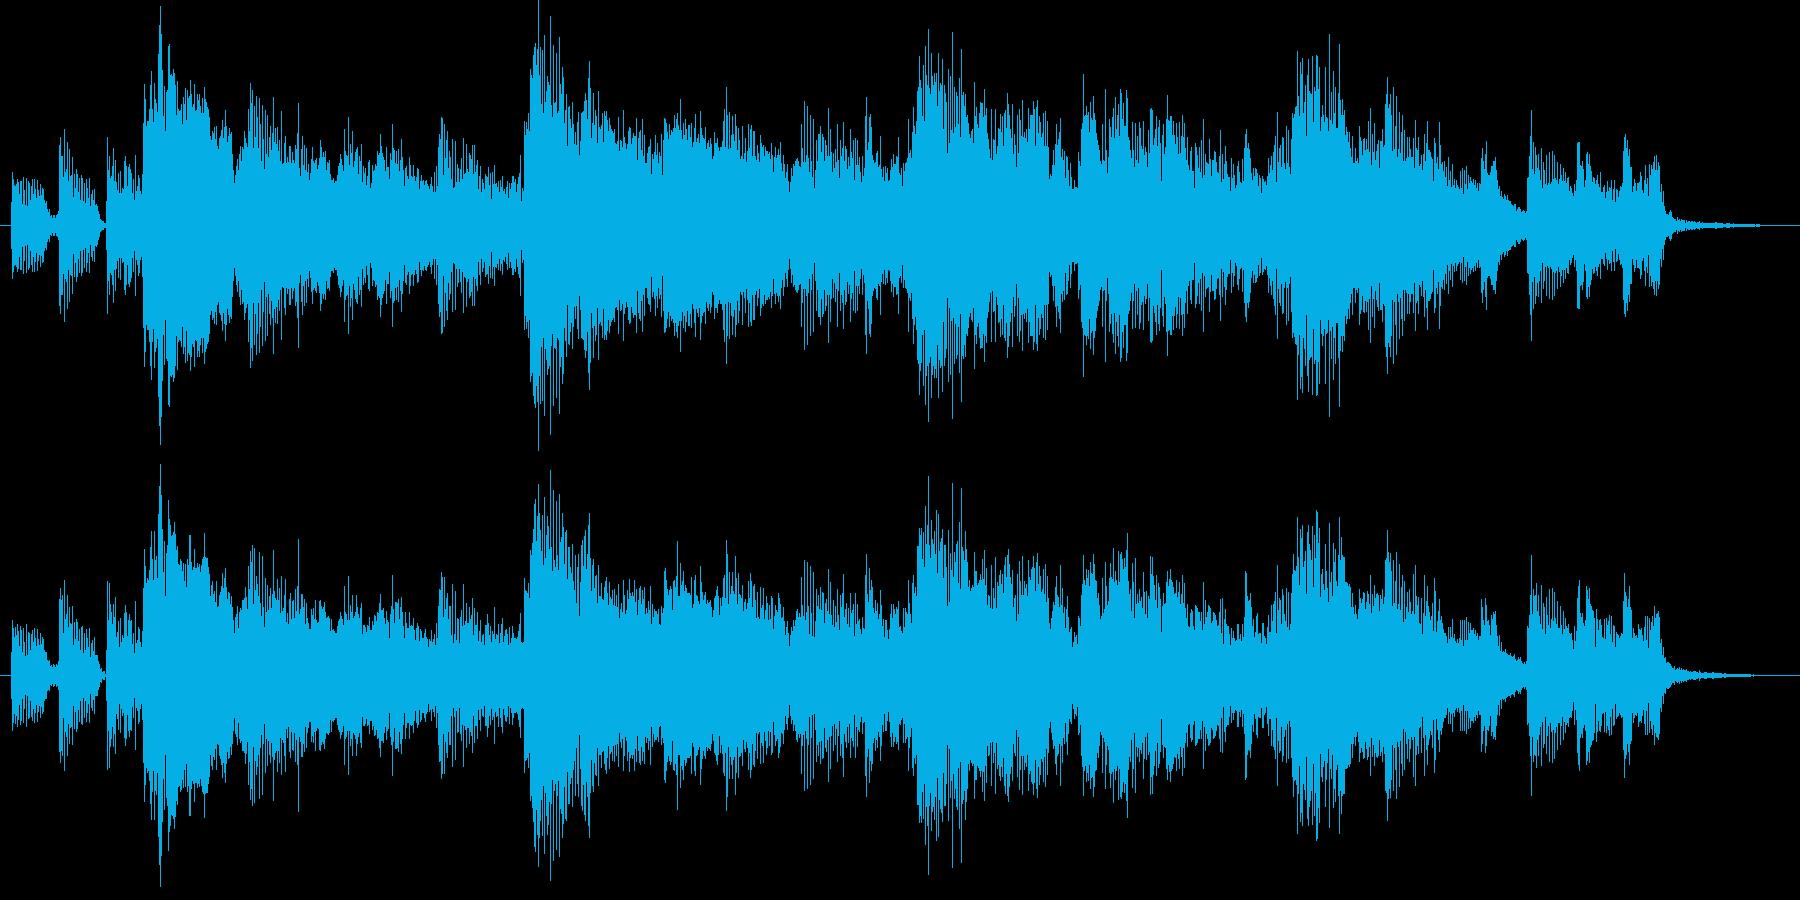 欧米の田舎風のカントリージングルの再生済みの波形